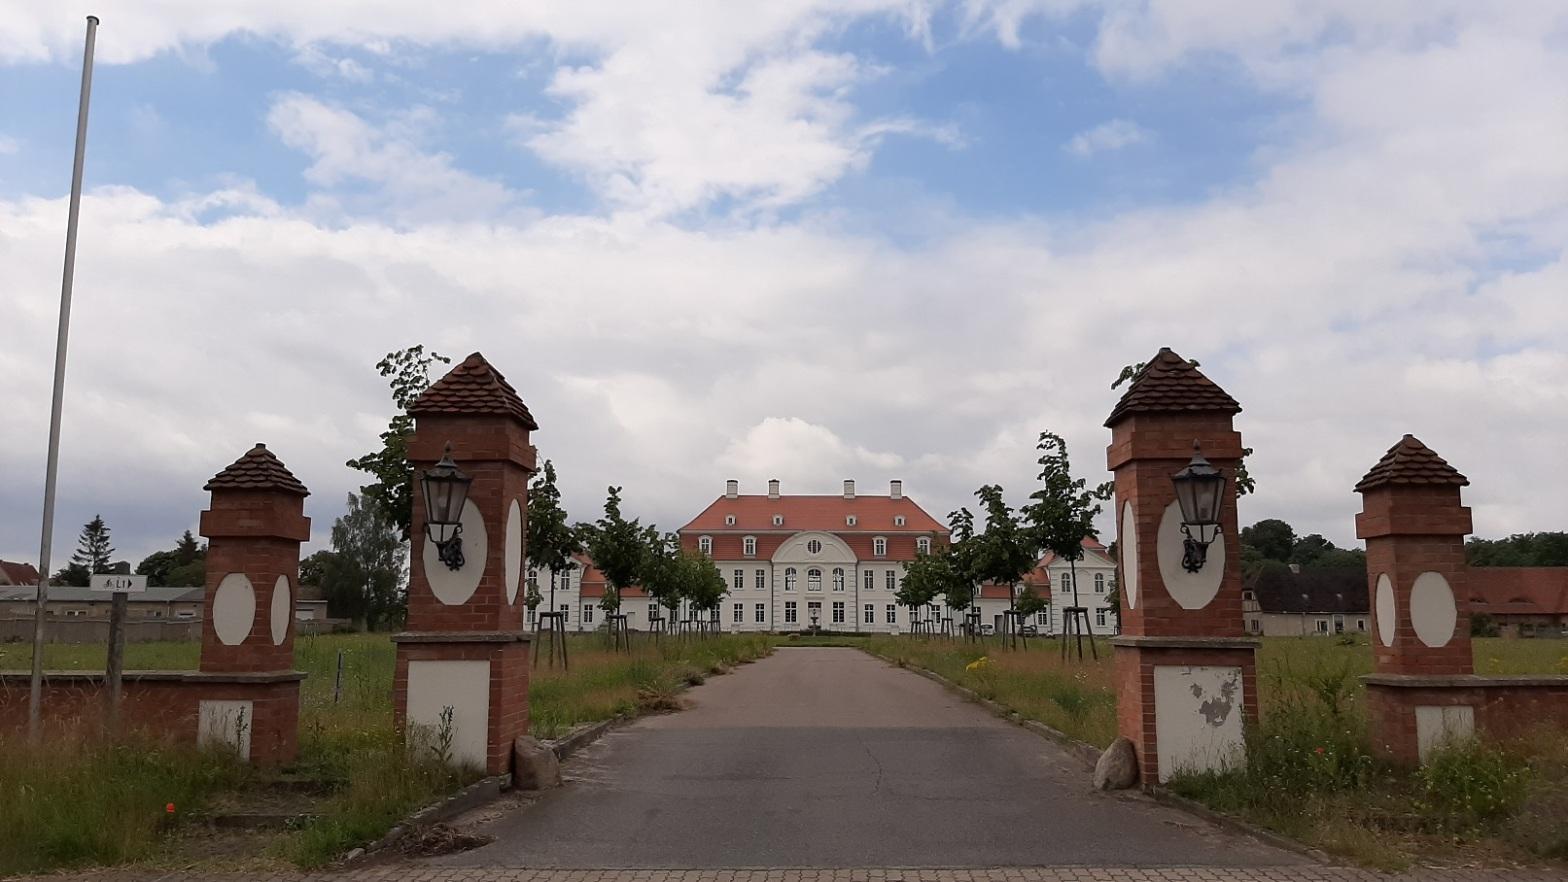 Schloss Vietgest von der B104 aus